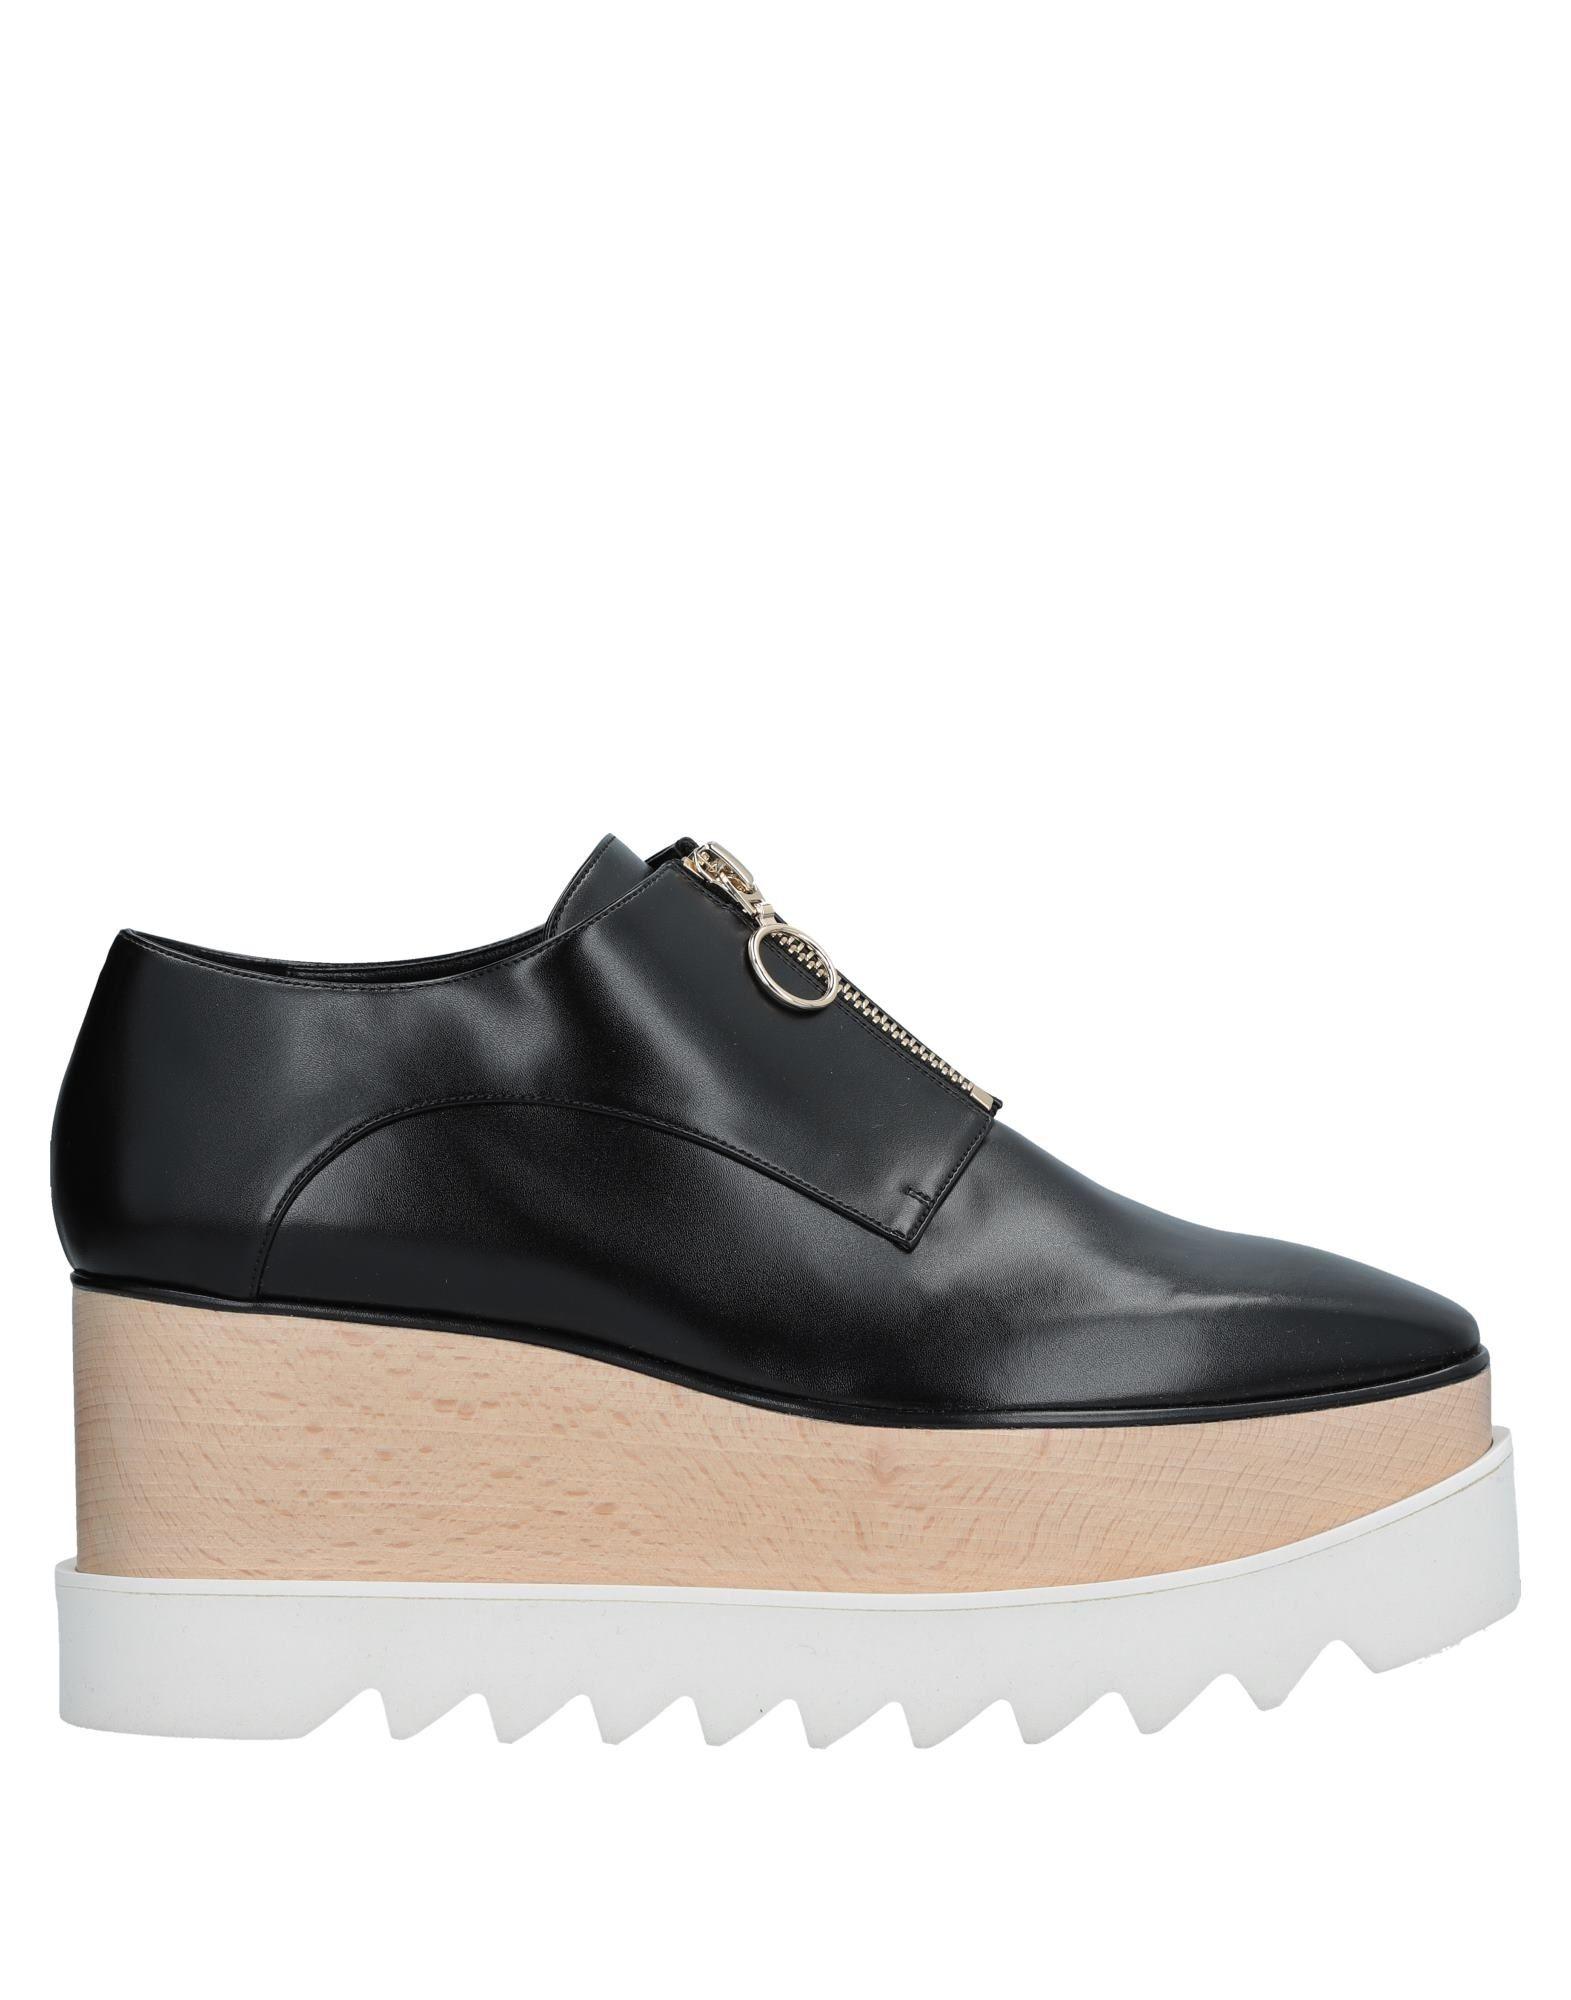 Stella Mccartney Mokassins Damen  11538878GGGünstige gut aussehende Schuhe